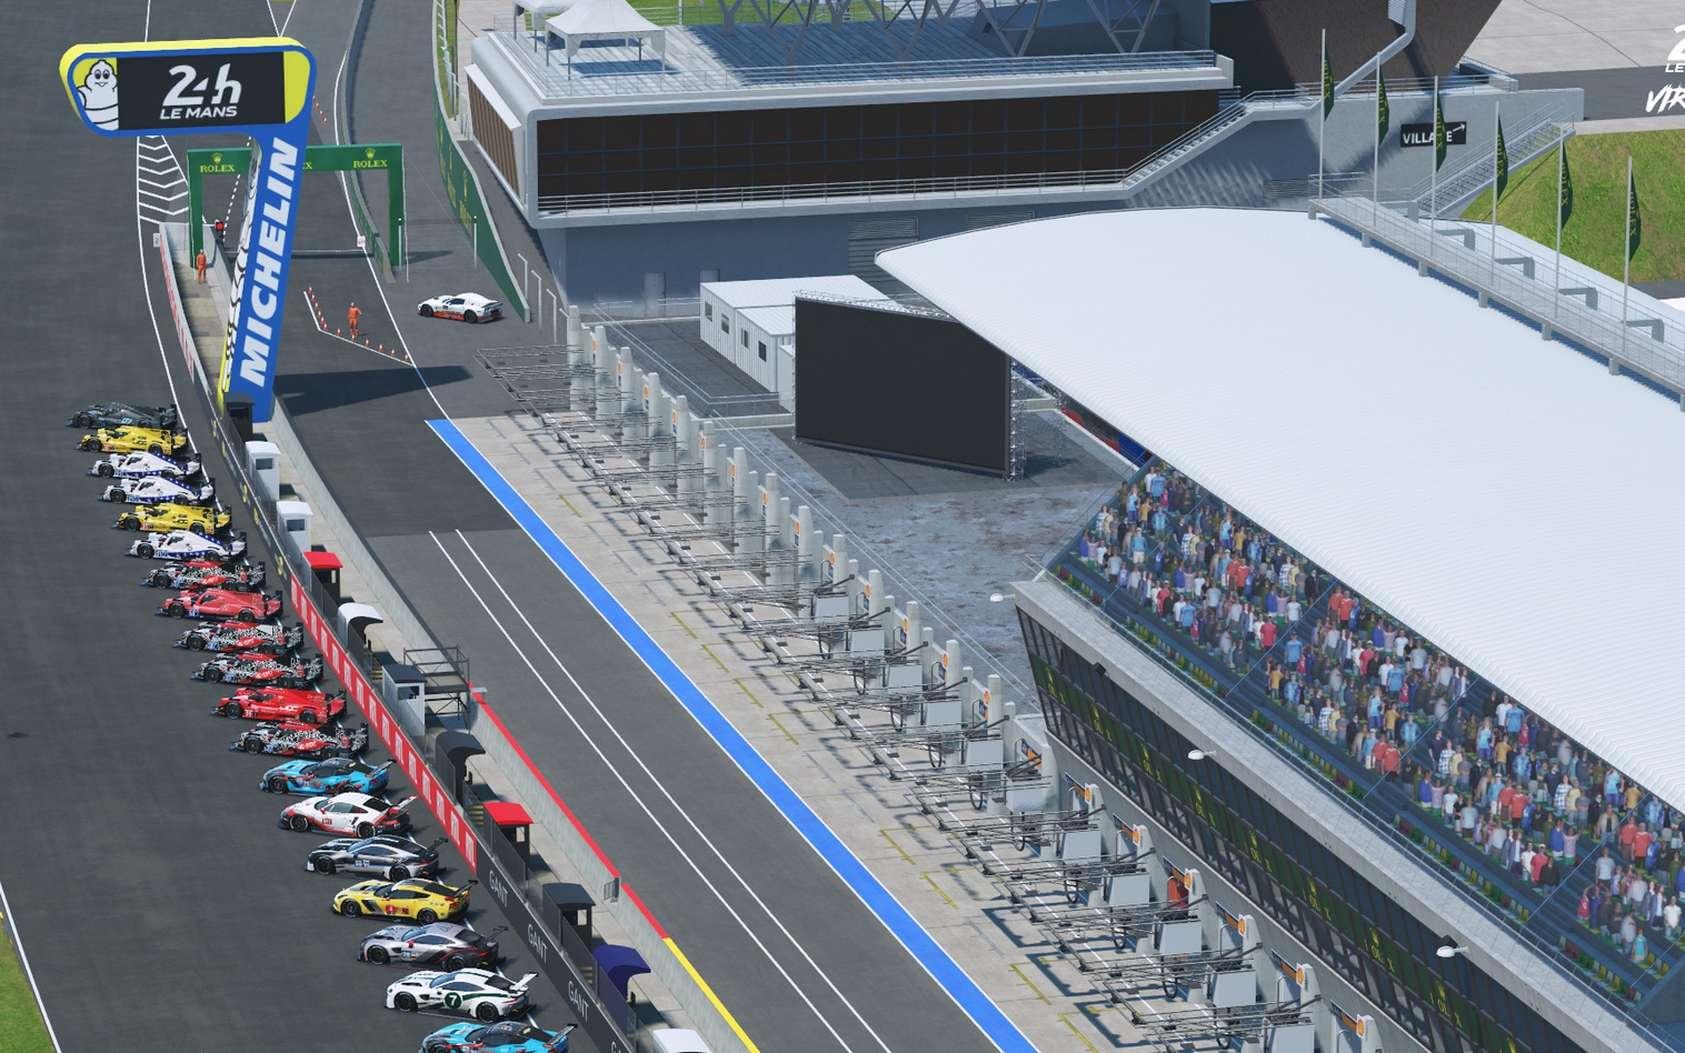 La 88e édition des 24 Heures du Mans en version virtuelles (13-14 juin) verra s'affronter sur simulateur des pilotes de courses professionnels et des champions esports. © Les 24 Heures du Mans